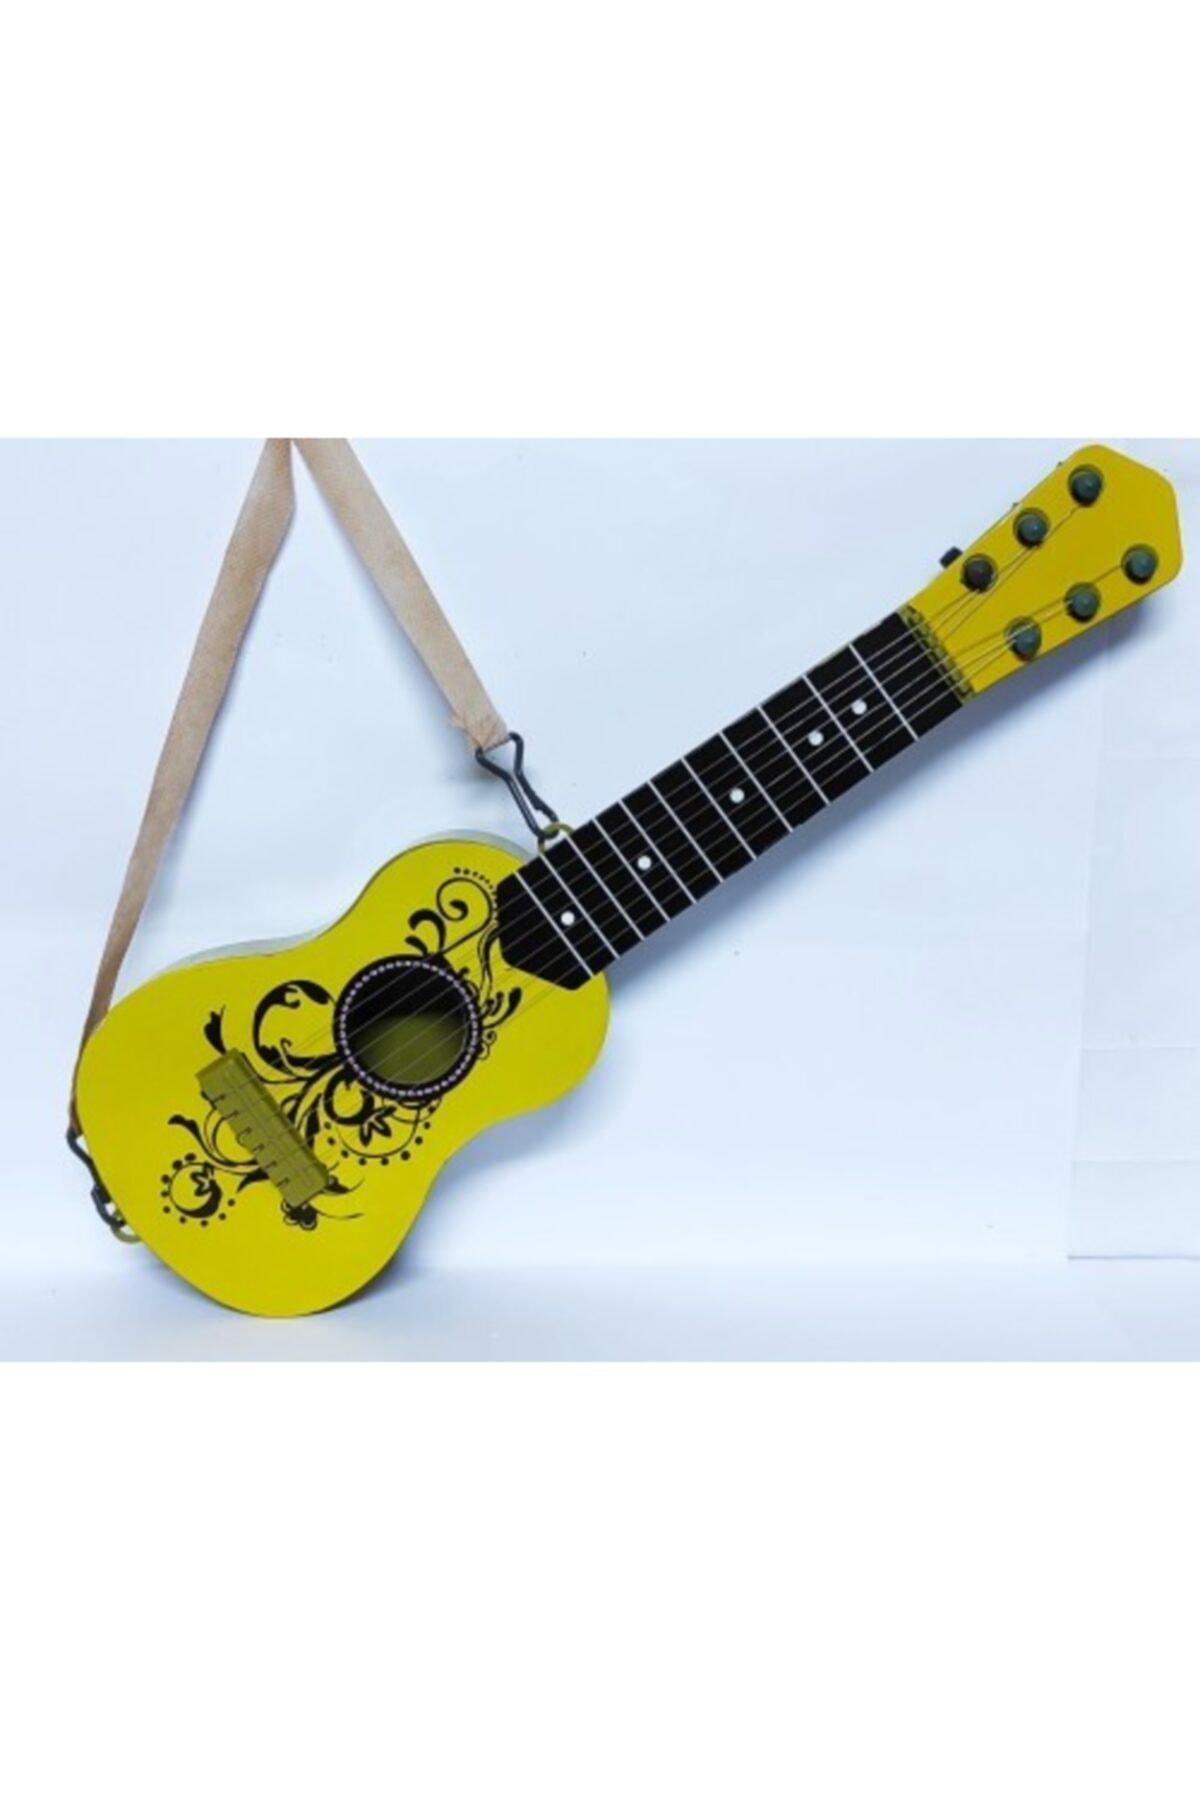 Brother Toys 48 Cm. Boyunda Oyuncak Sarı Ispanyol Gitar 1